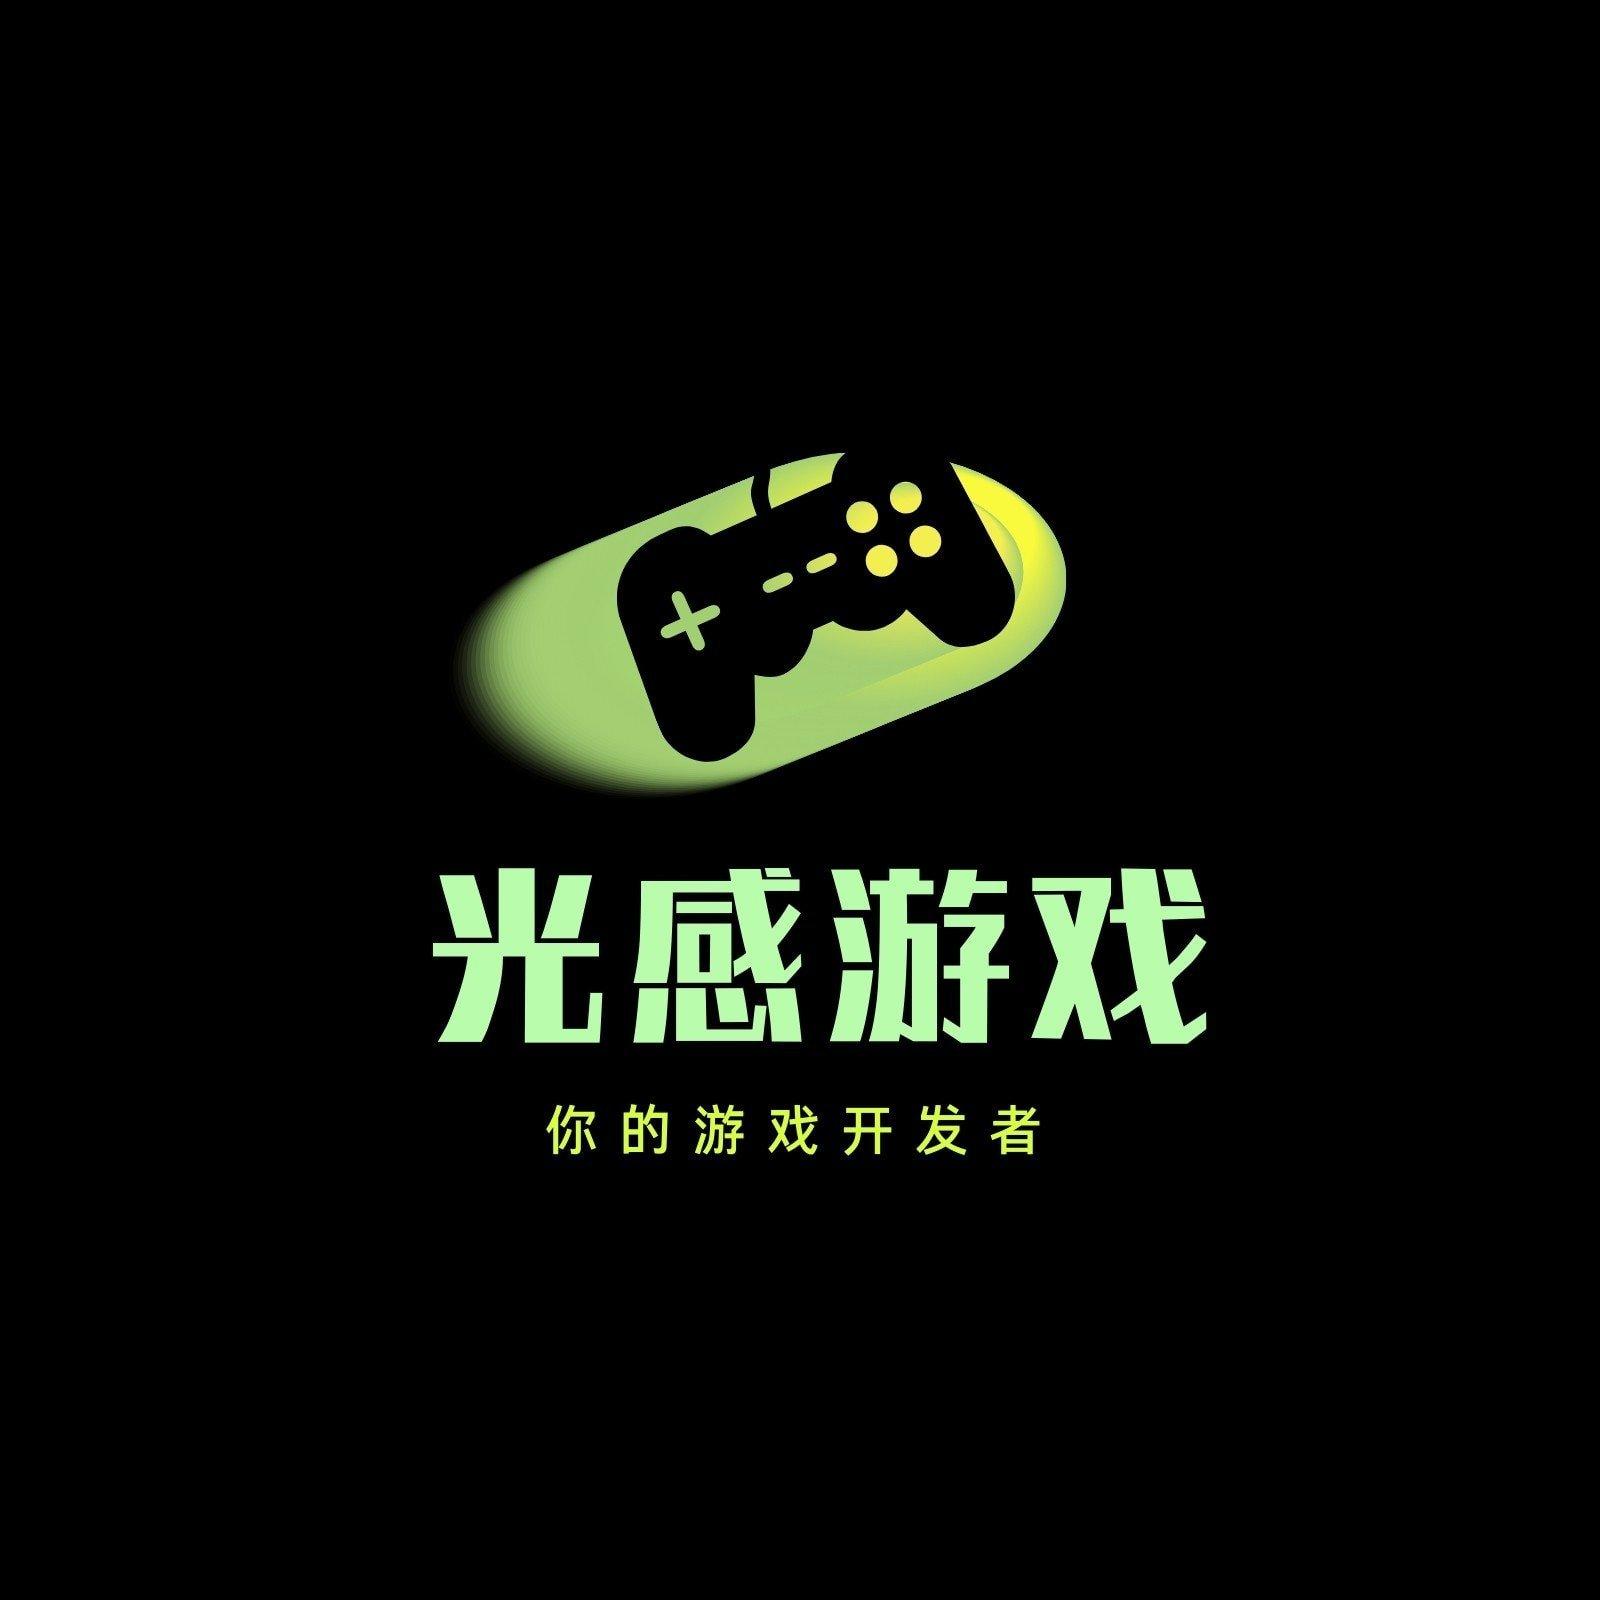 荧光绿色游戏手柄创意Logo